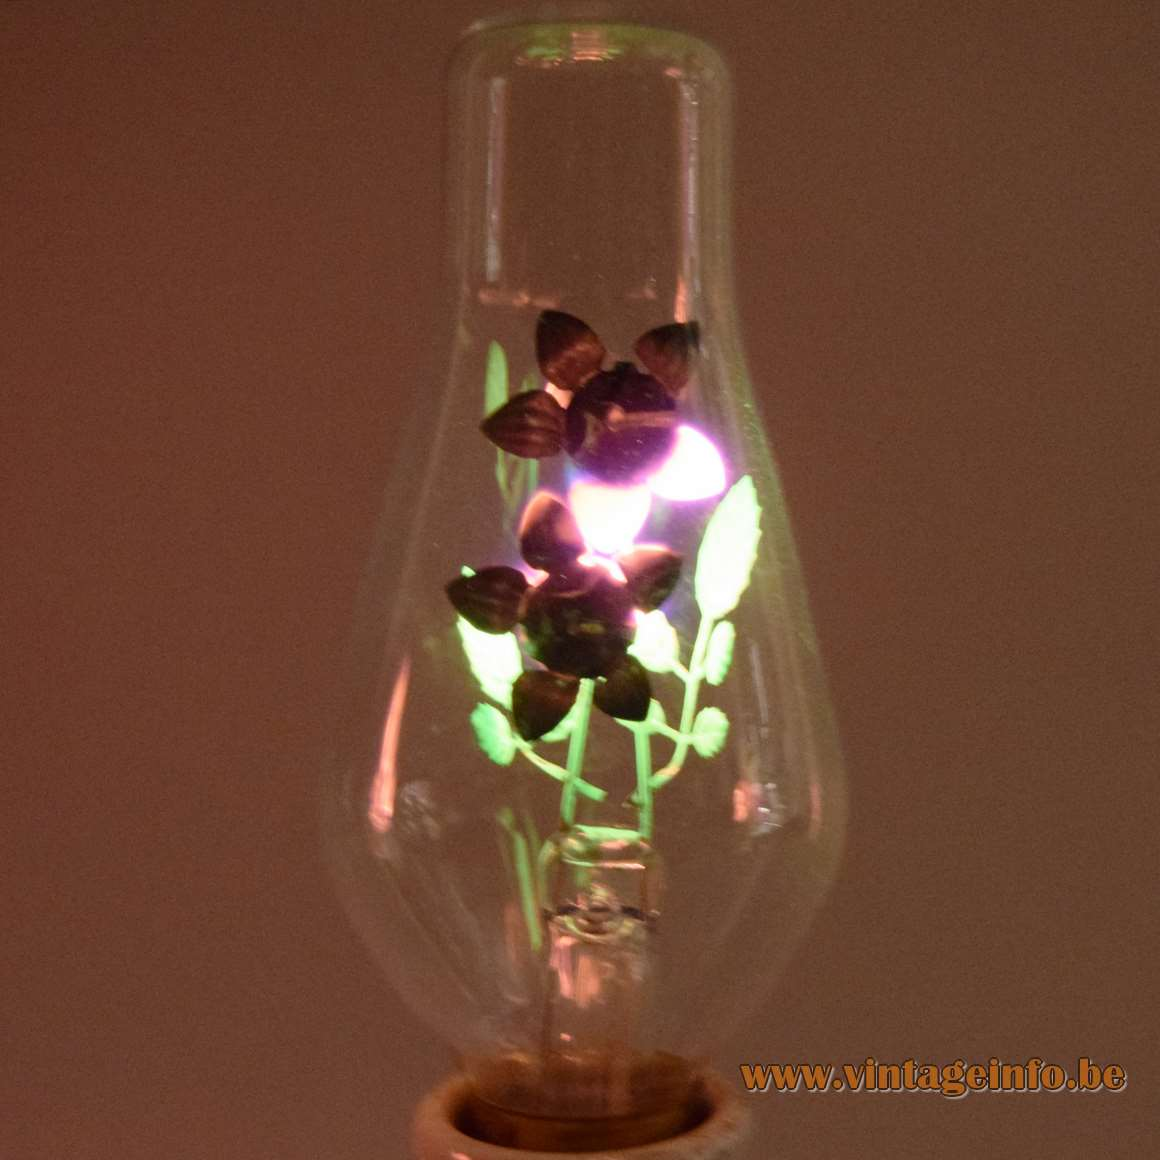 Fleur de Light ABCO Light Bulb